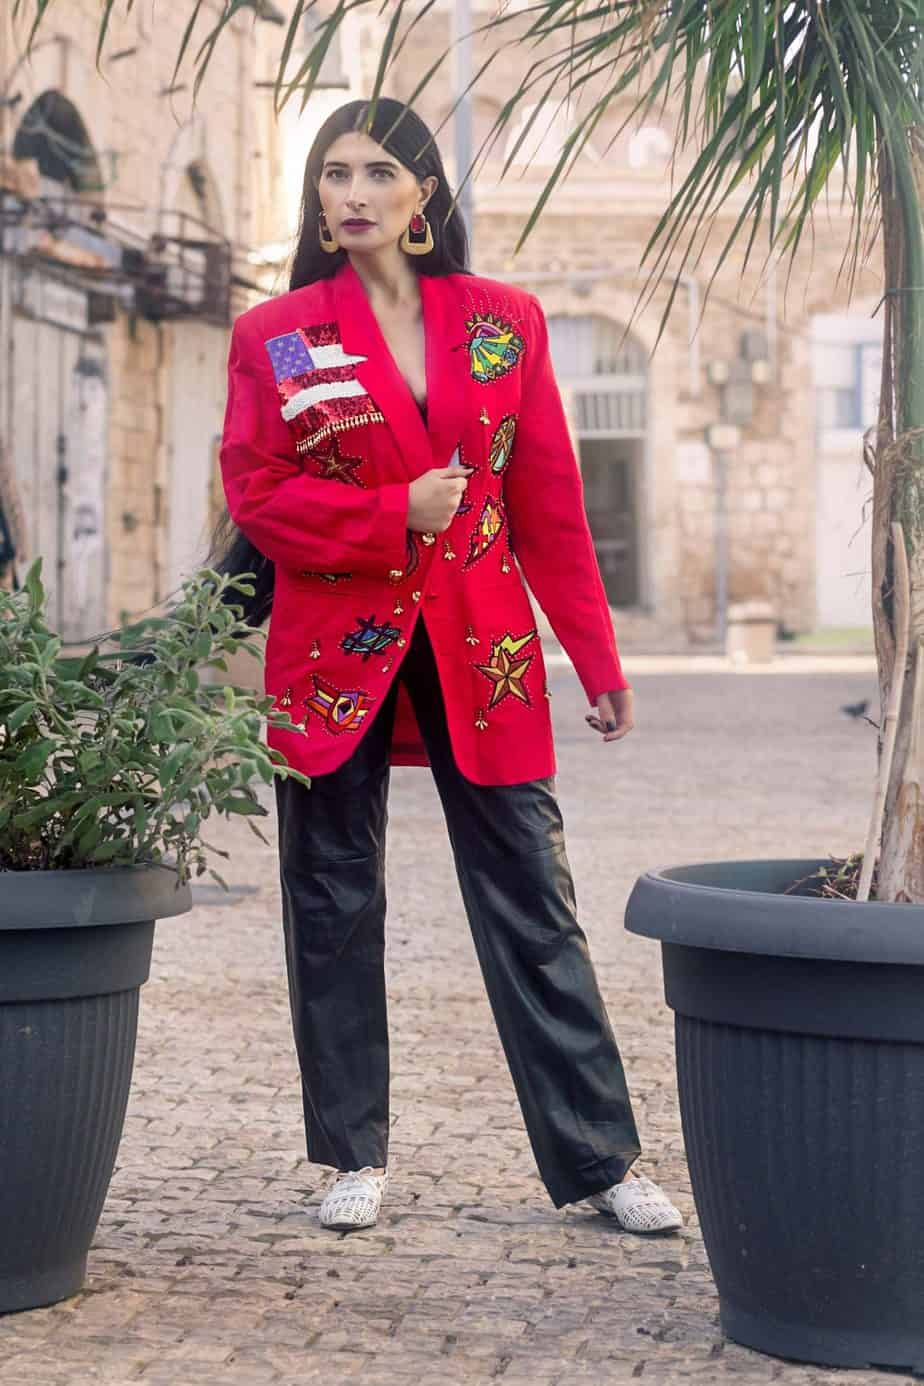 ז'קט DAVID BOWIE מכנס עור ARMANI. מאיה אושרי כהן, צילום: Gennadiy Tsodik, אופנה במנהרת הזמן, לוני ויטג׳ -